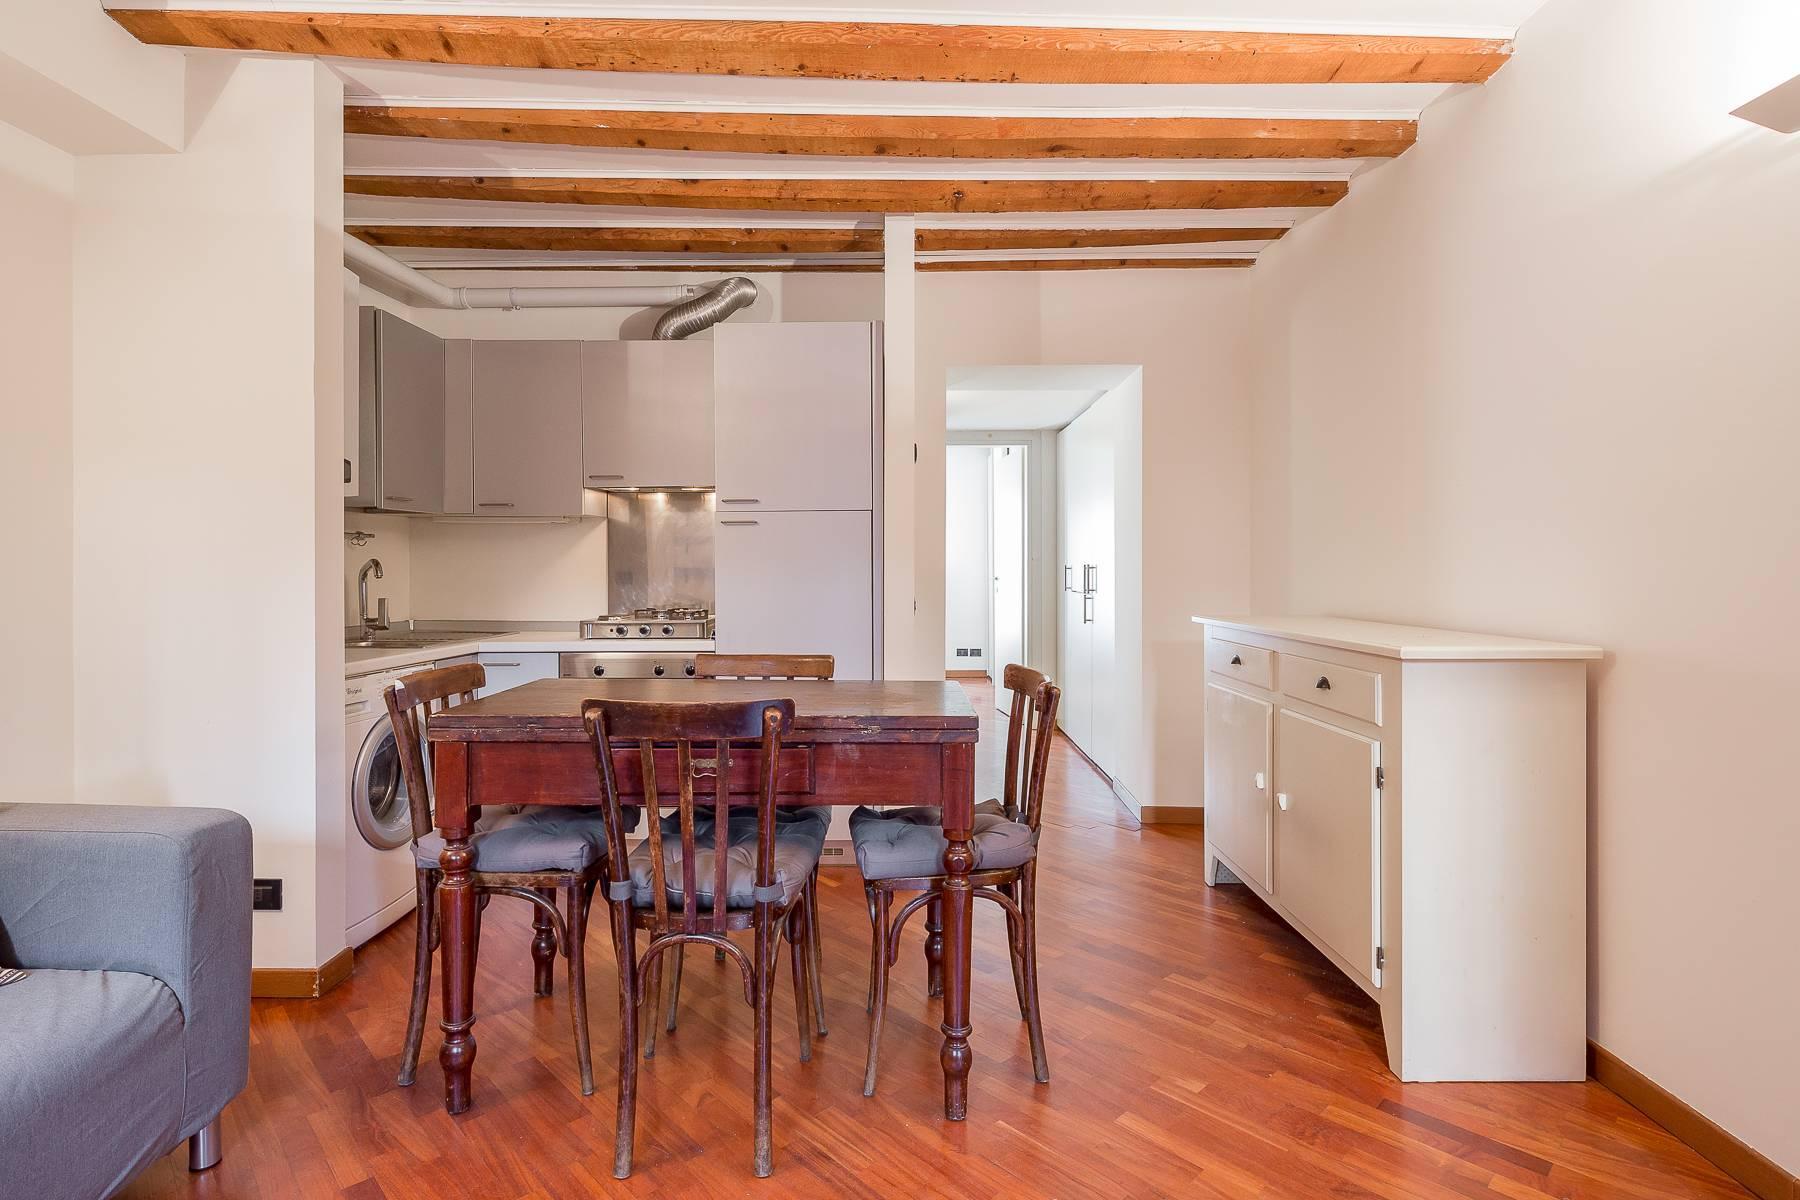 Renovierte Zwei-zimmer wohnung im Stadtviertel Navigli - 3